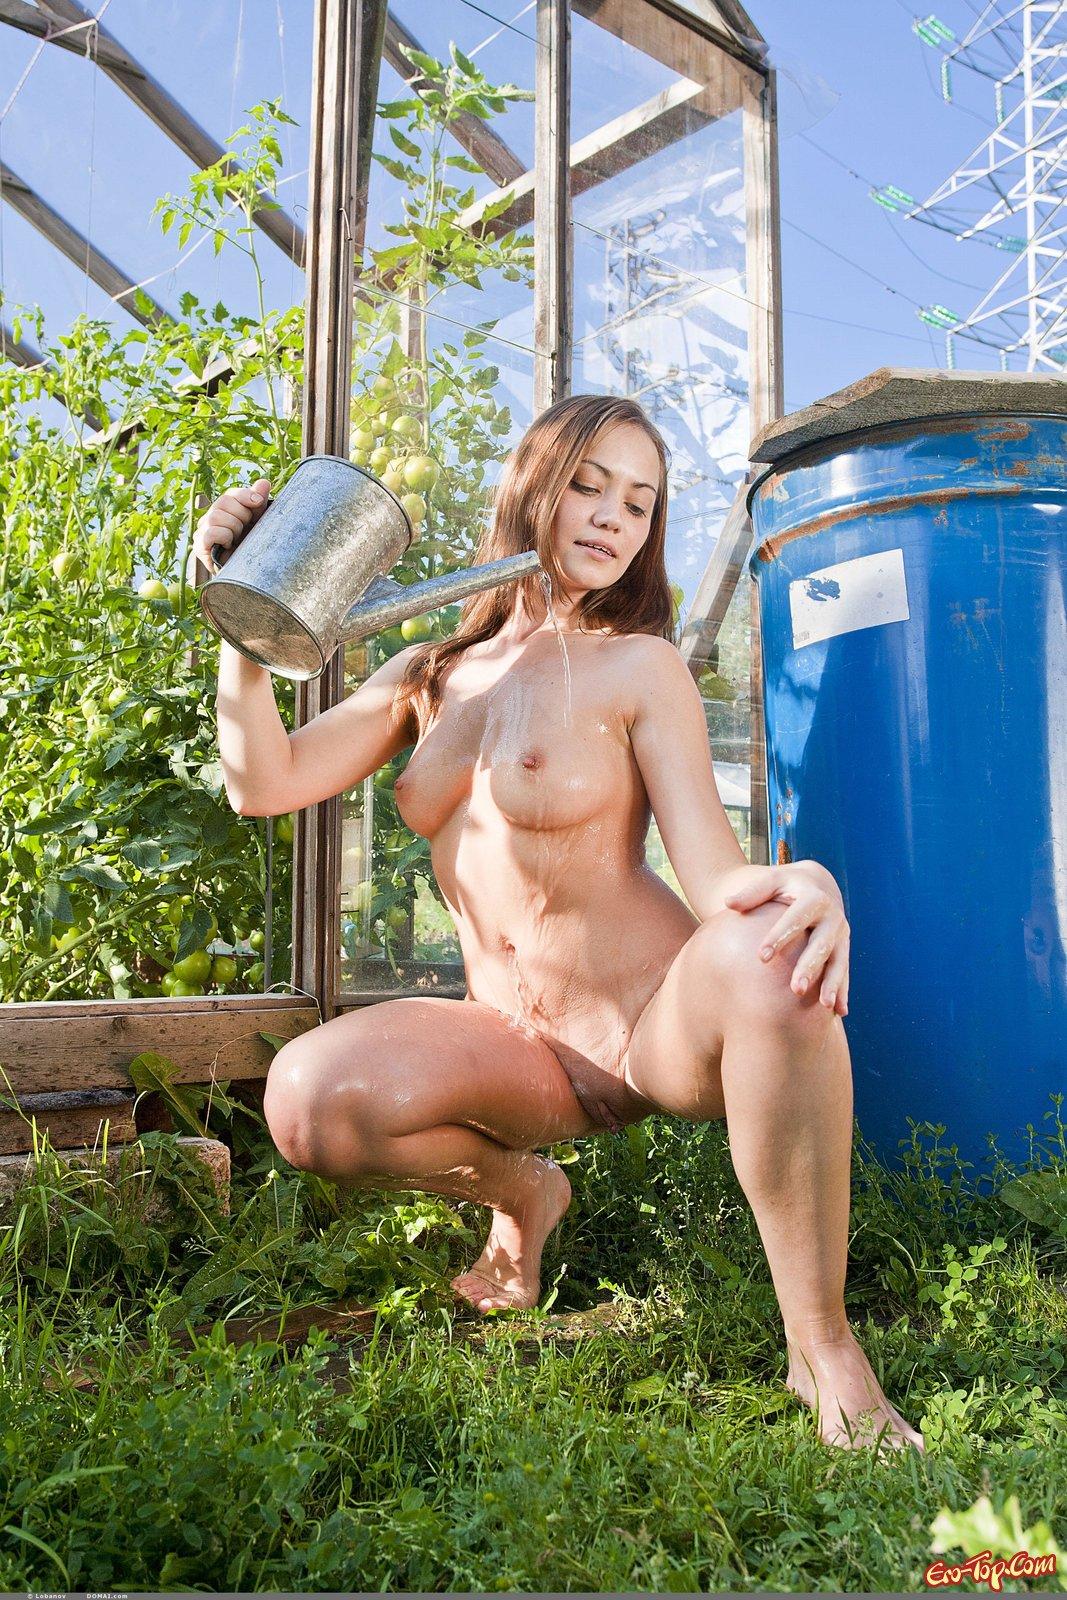 Голая девка в огороде